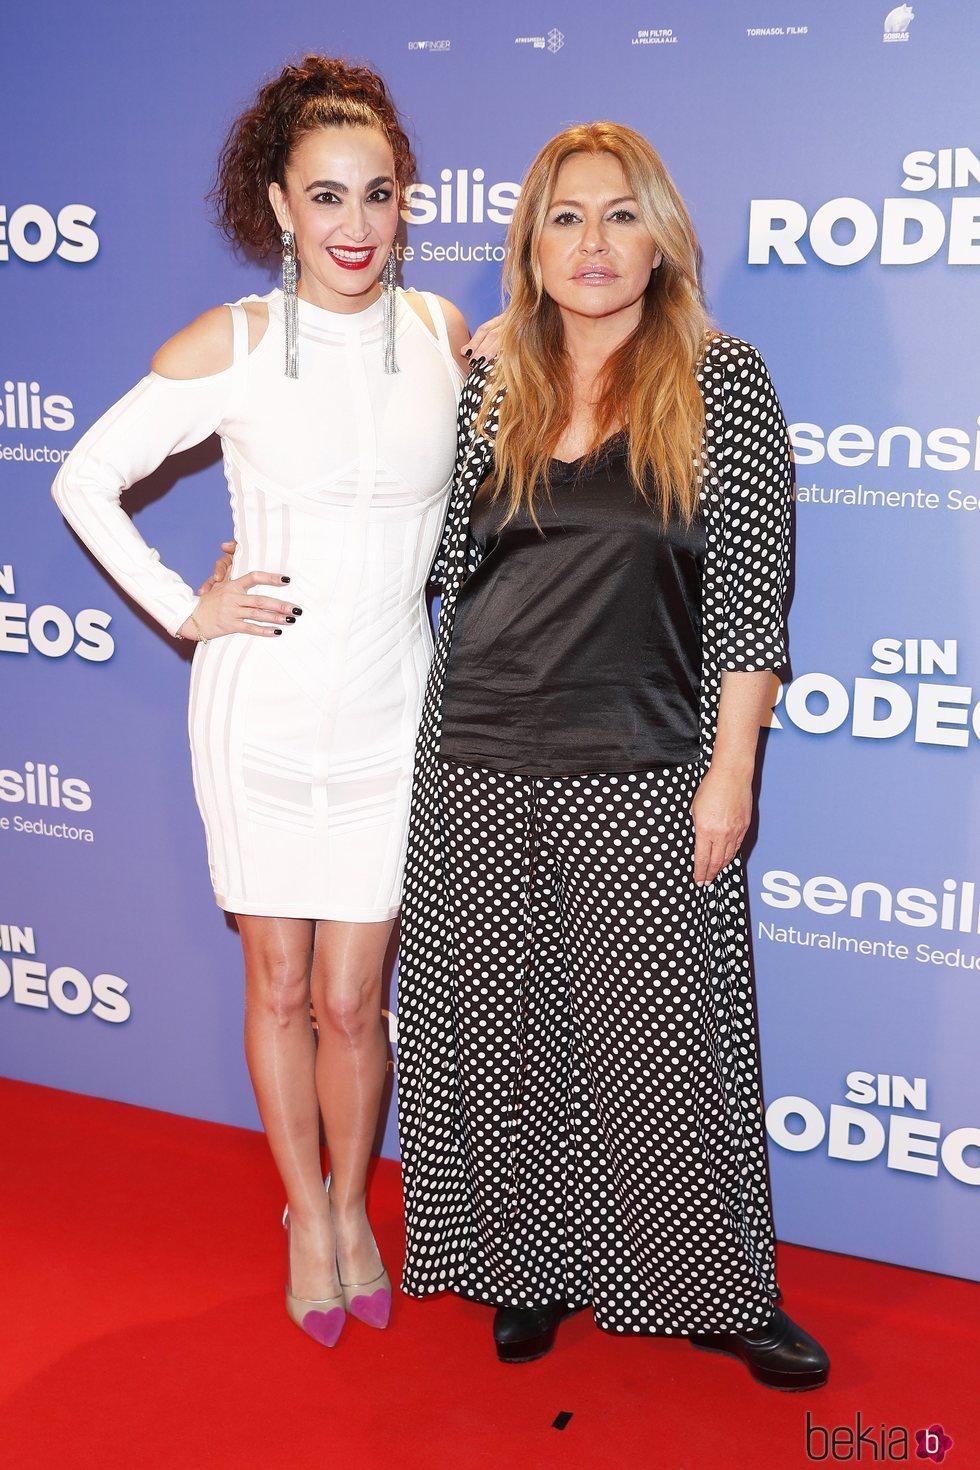 Cristina Rodríguez y Critina Tárrega en la premier de la película 'Sin Rodeos'